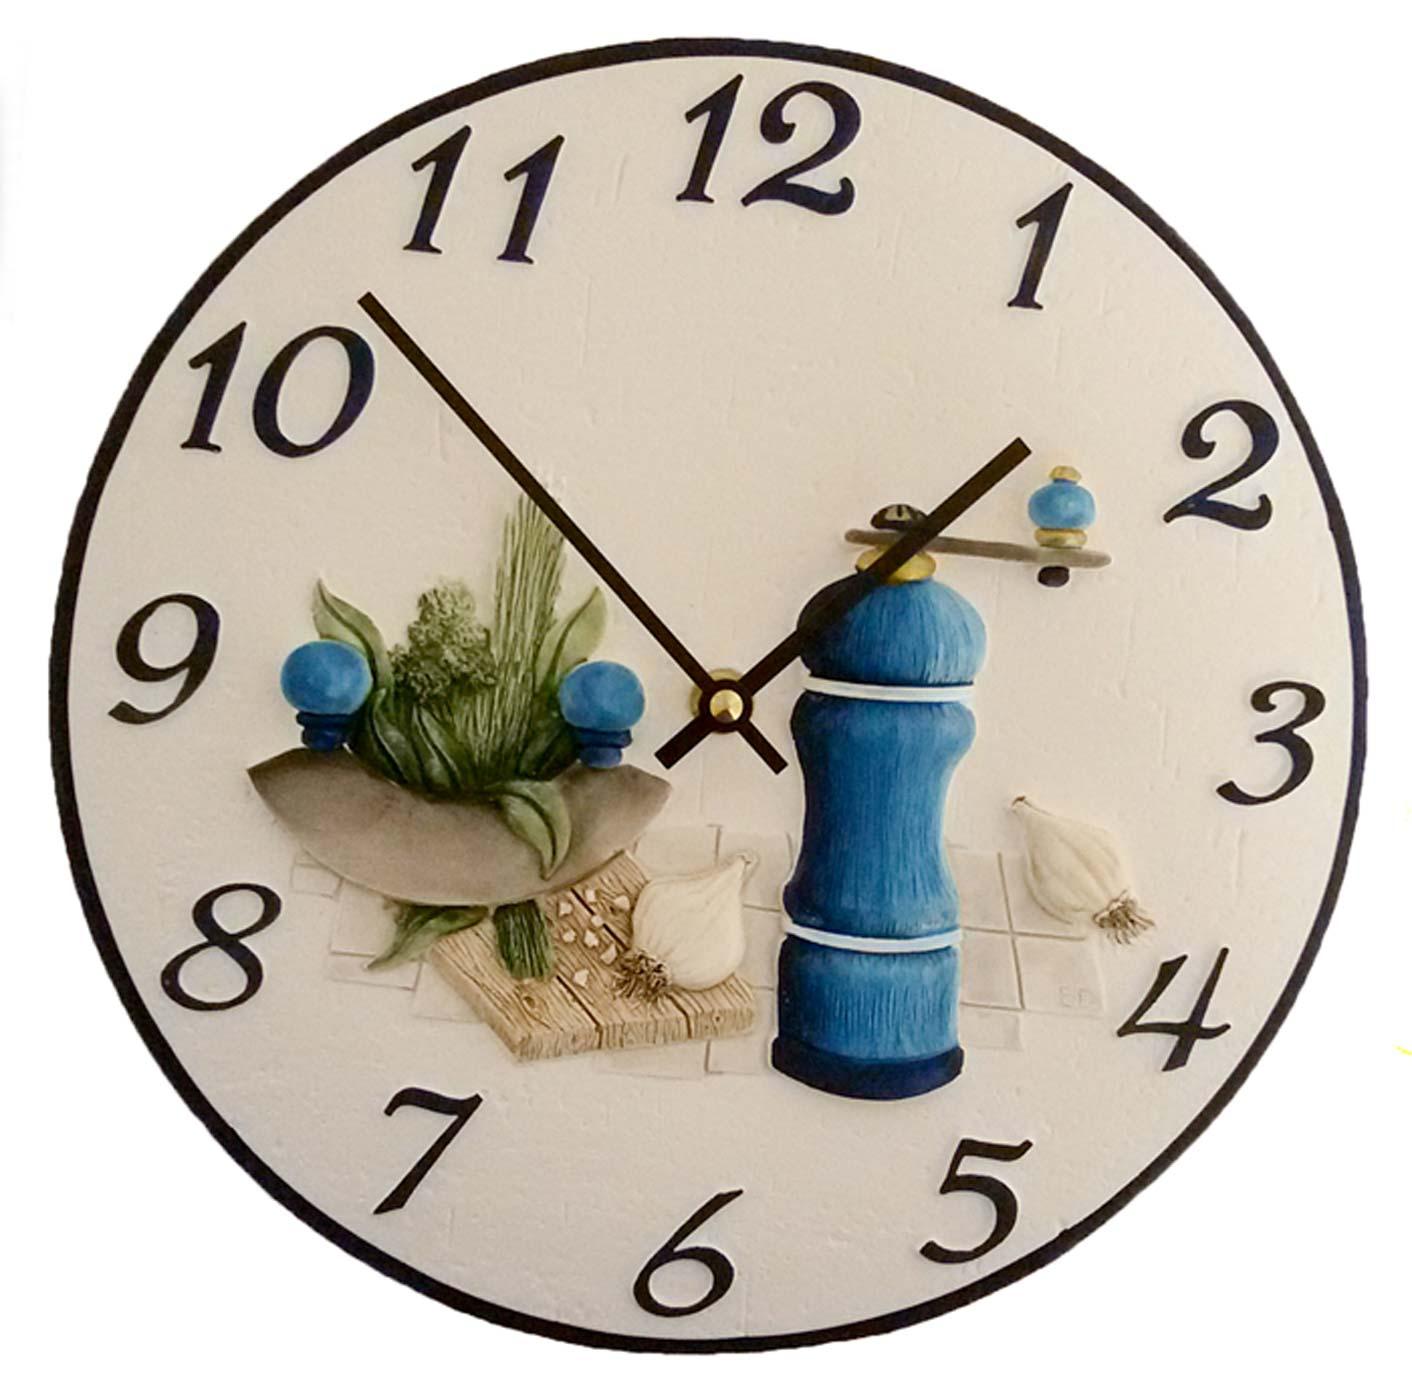 Terrastudio 00 2401 horloge murale horloge de cuisine - Ceramique murale autocollante ...